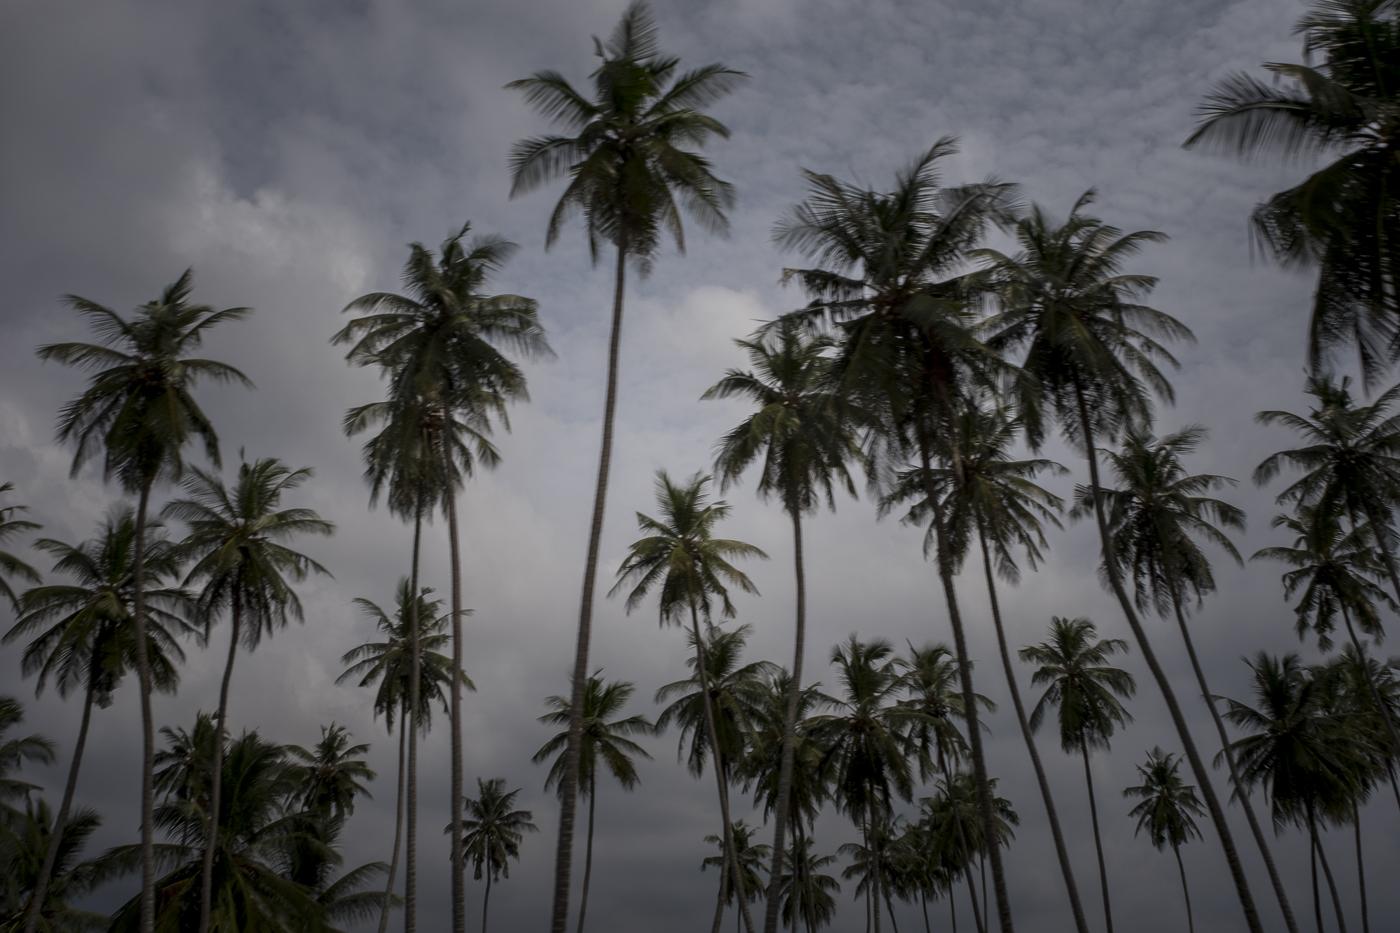 © Luís Rocha. São Tomé, São Tomé e Príncipe, 2016.